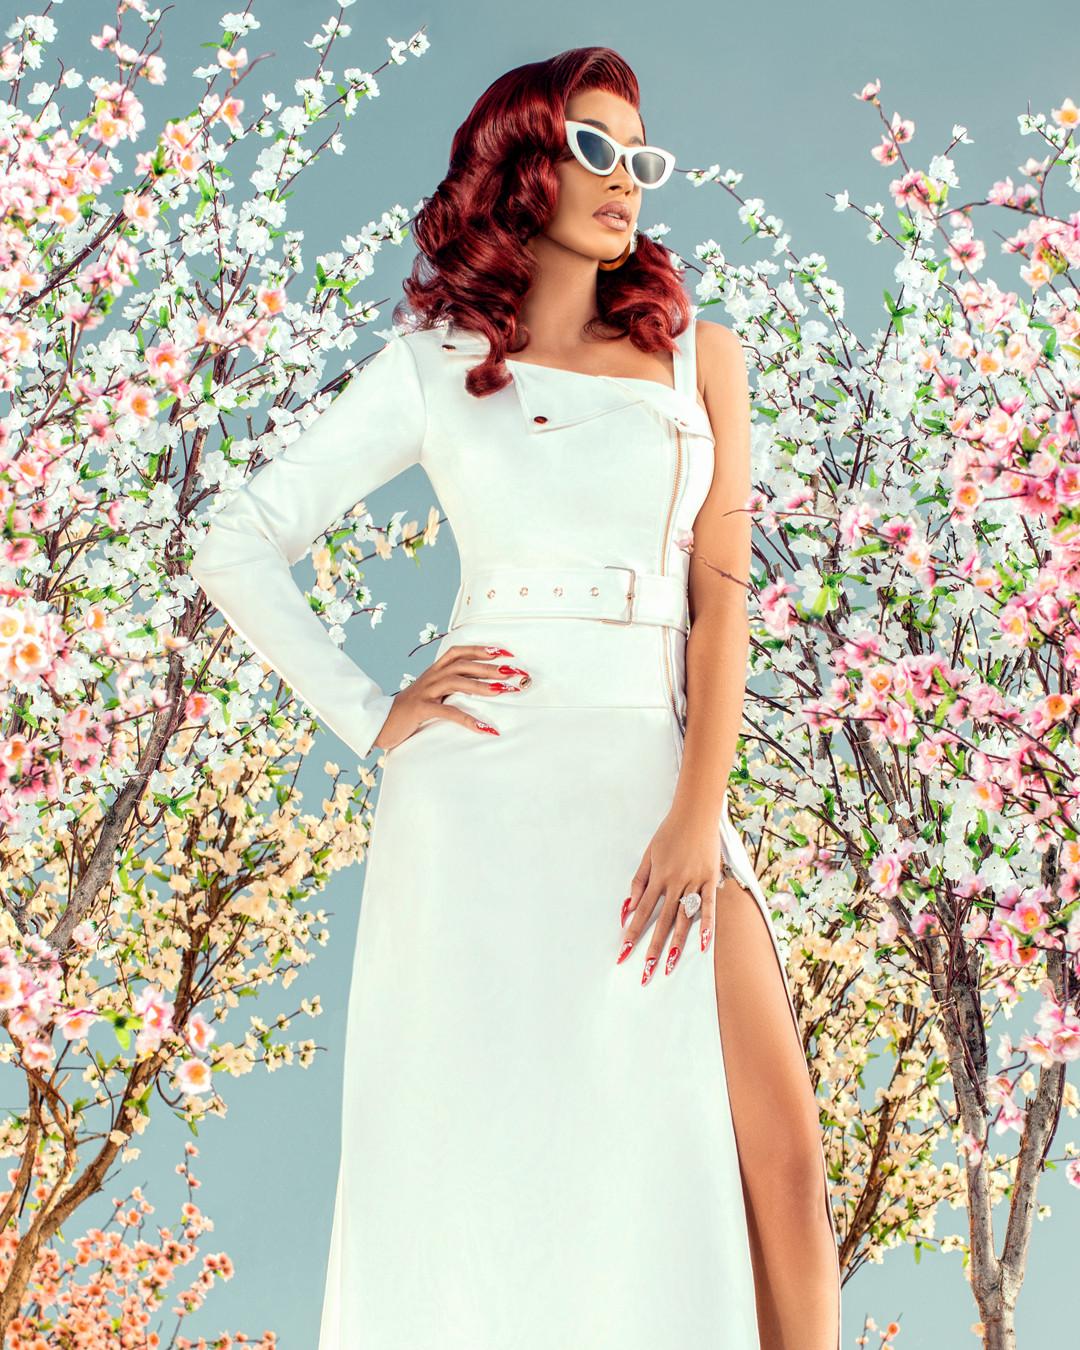 Cardi B Outfits: Cardi B Says Her Fashion Nova Line Looks High-End Like